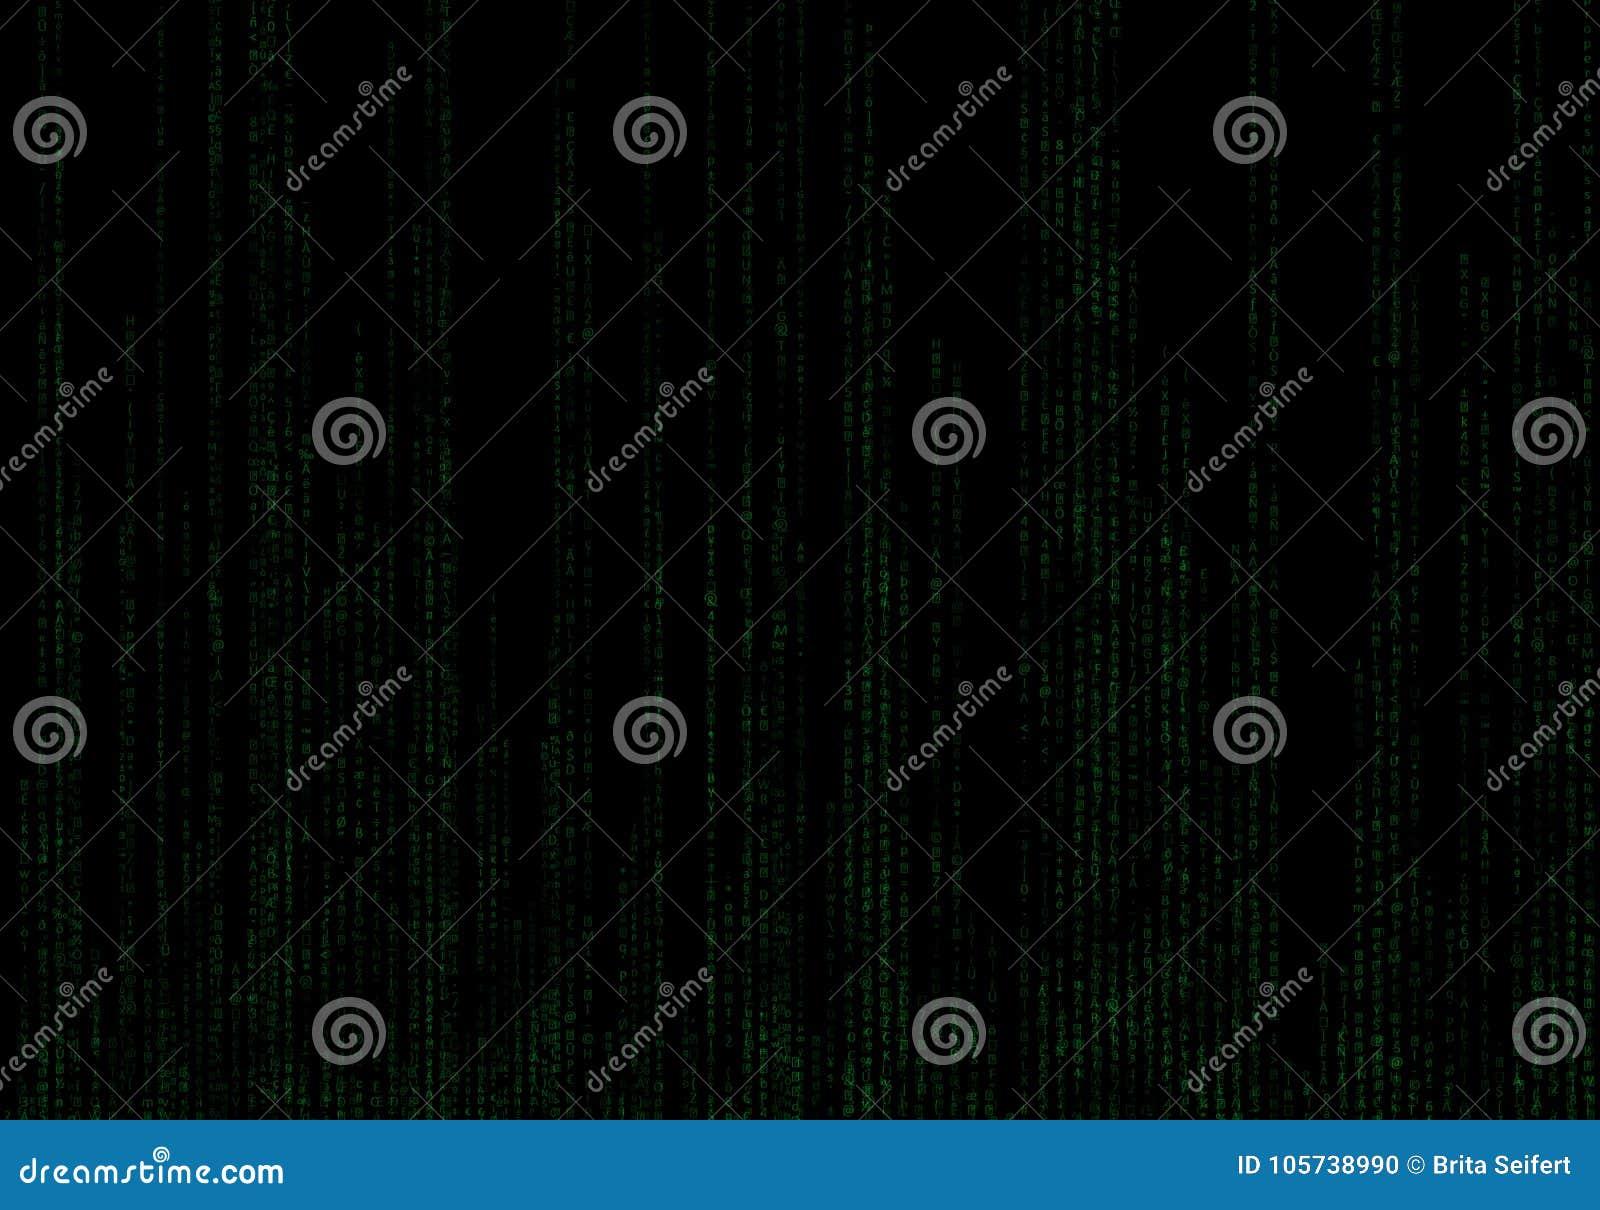 Μαύρο και πράσινο υπόβαθρο δυαδικού κώδικα με τα ψηφία